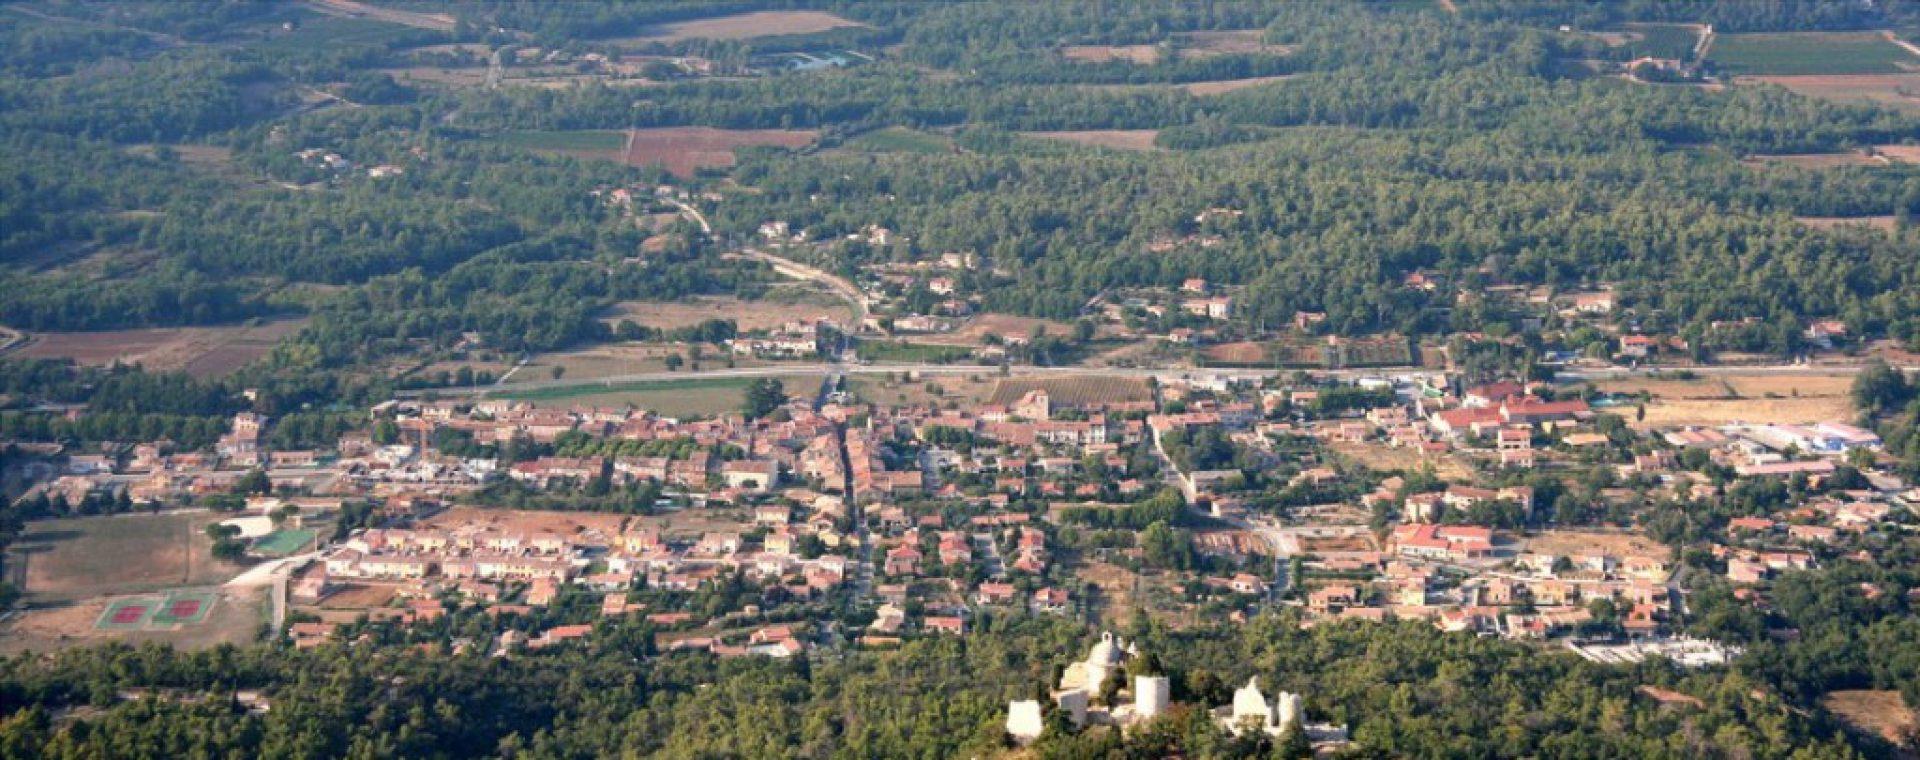 Village de Rougiers